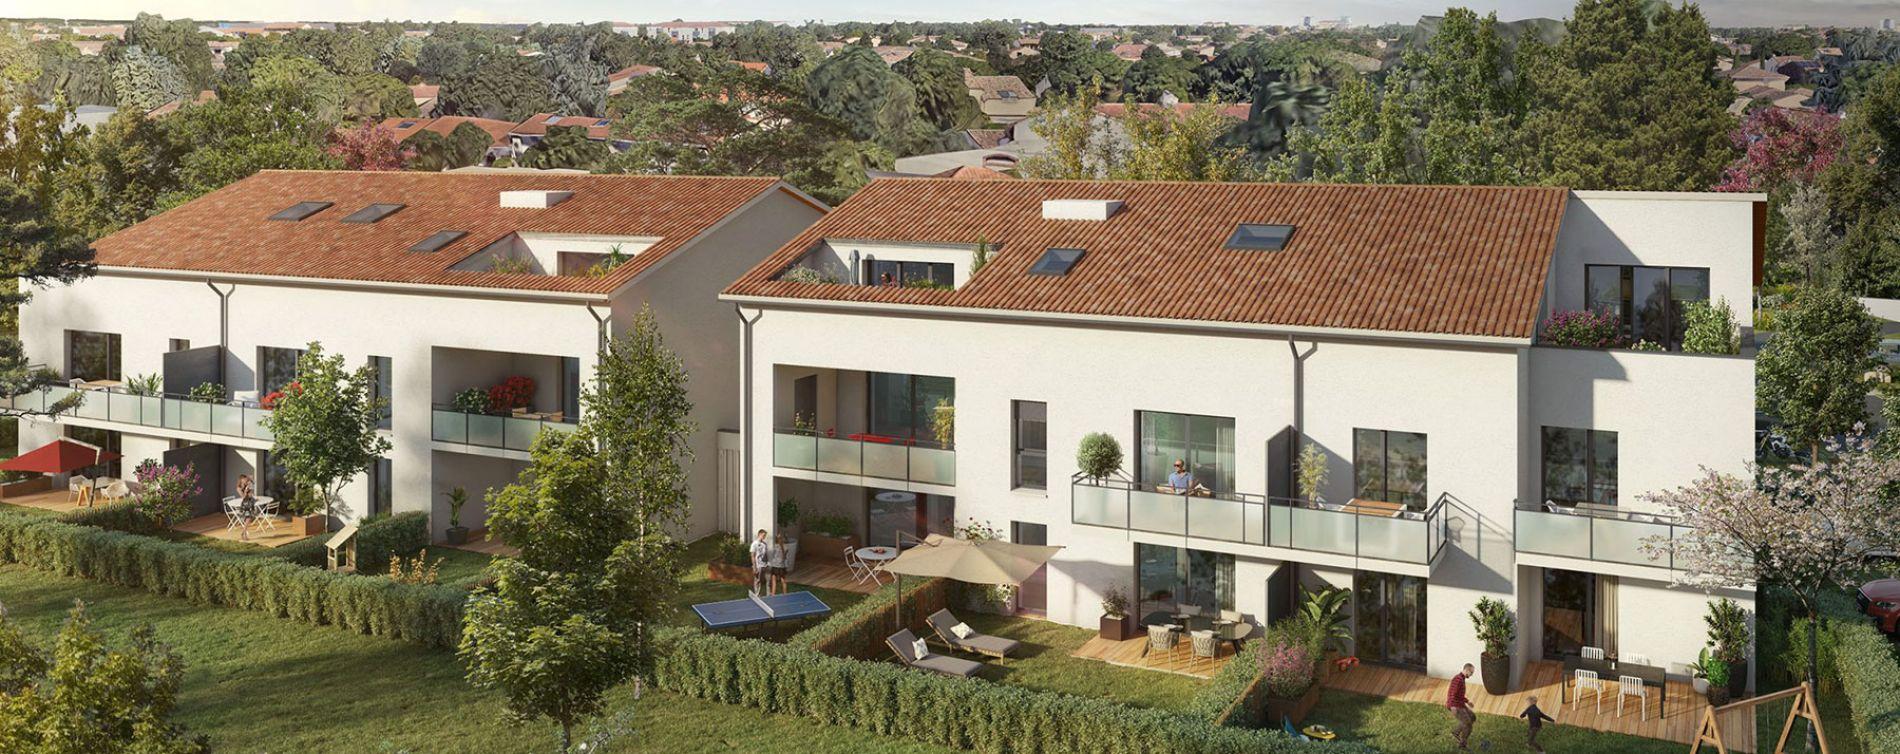 Tournefeuille : programme immobilier neuve « Peaks » en Loi Pinel